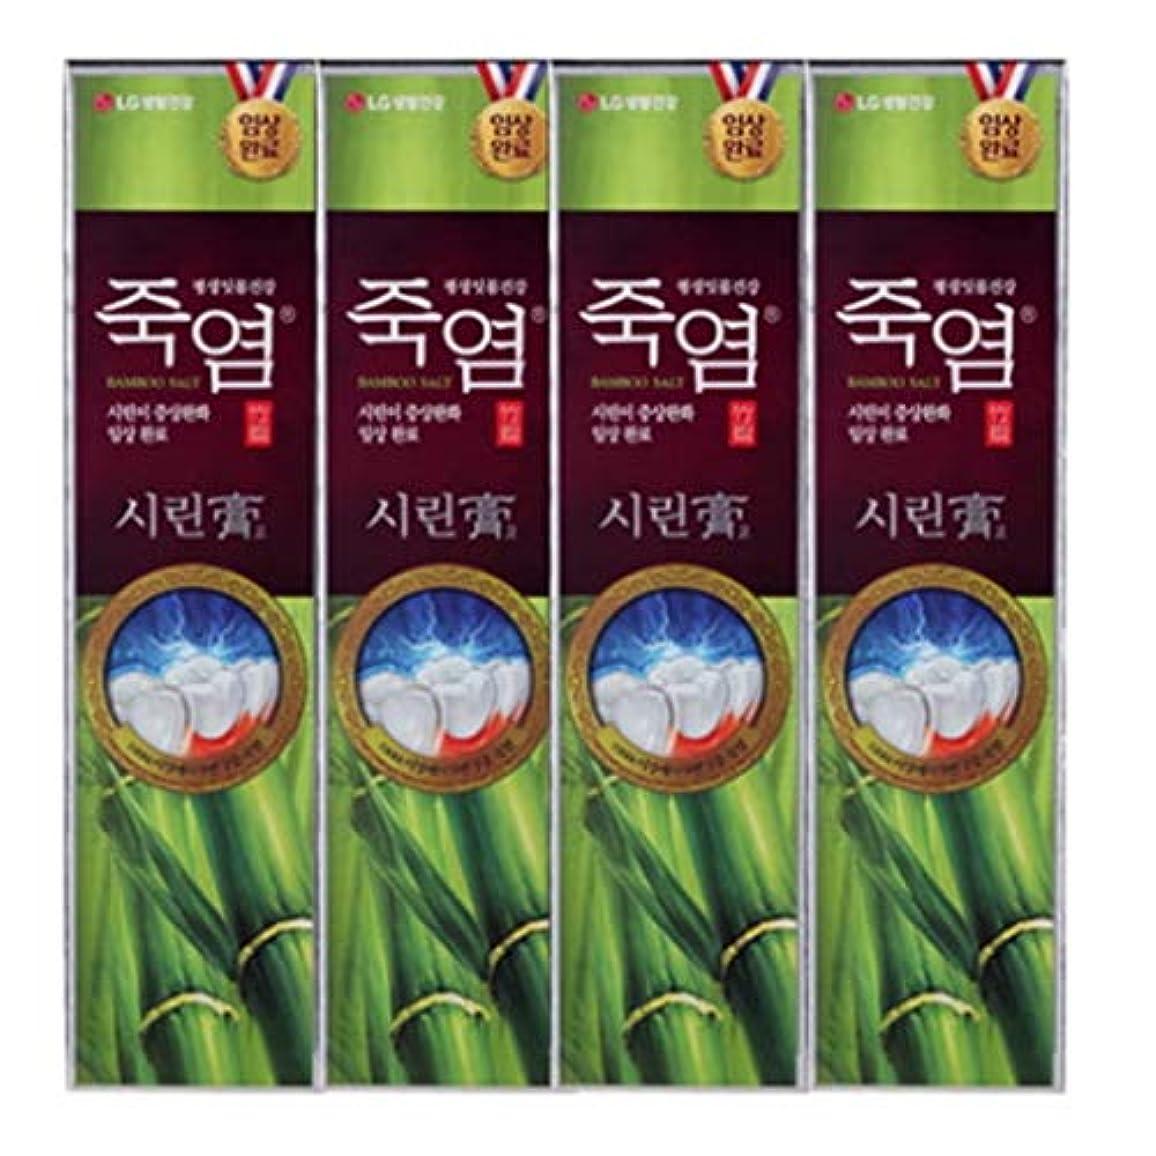 曖昧なしっとり倍率[LG Care/LG生活健康]竹塩歯磨き粉つぶれて歯茎を健康に120g x4ea/歯磨きセットスペシャル?リミテッドToothpaste Set Special Limited Korea(海外直送品)